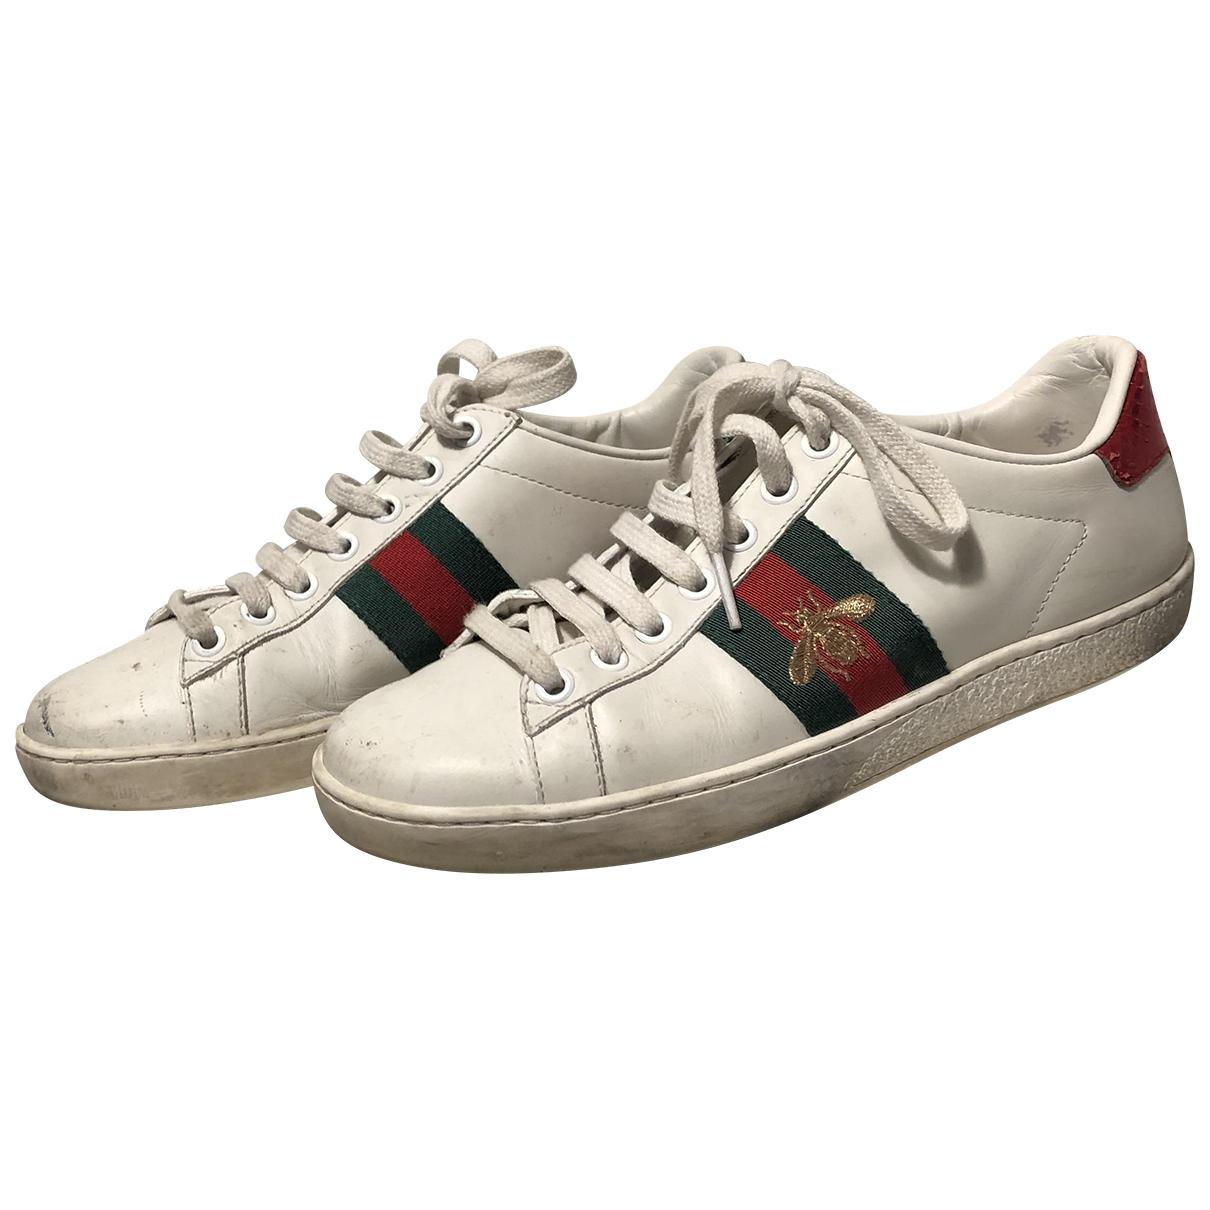 Gucci - Baskets Ace pour femme en cuir verni - blanc